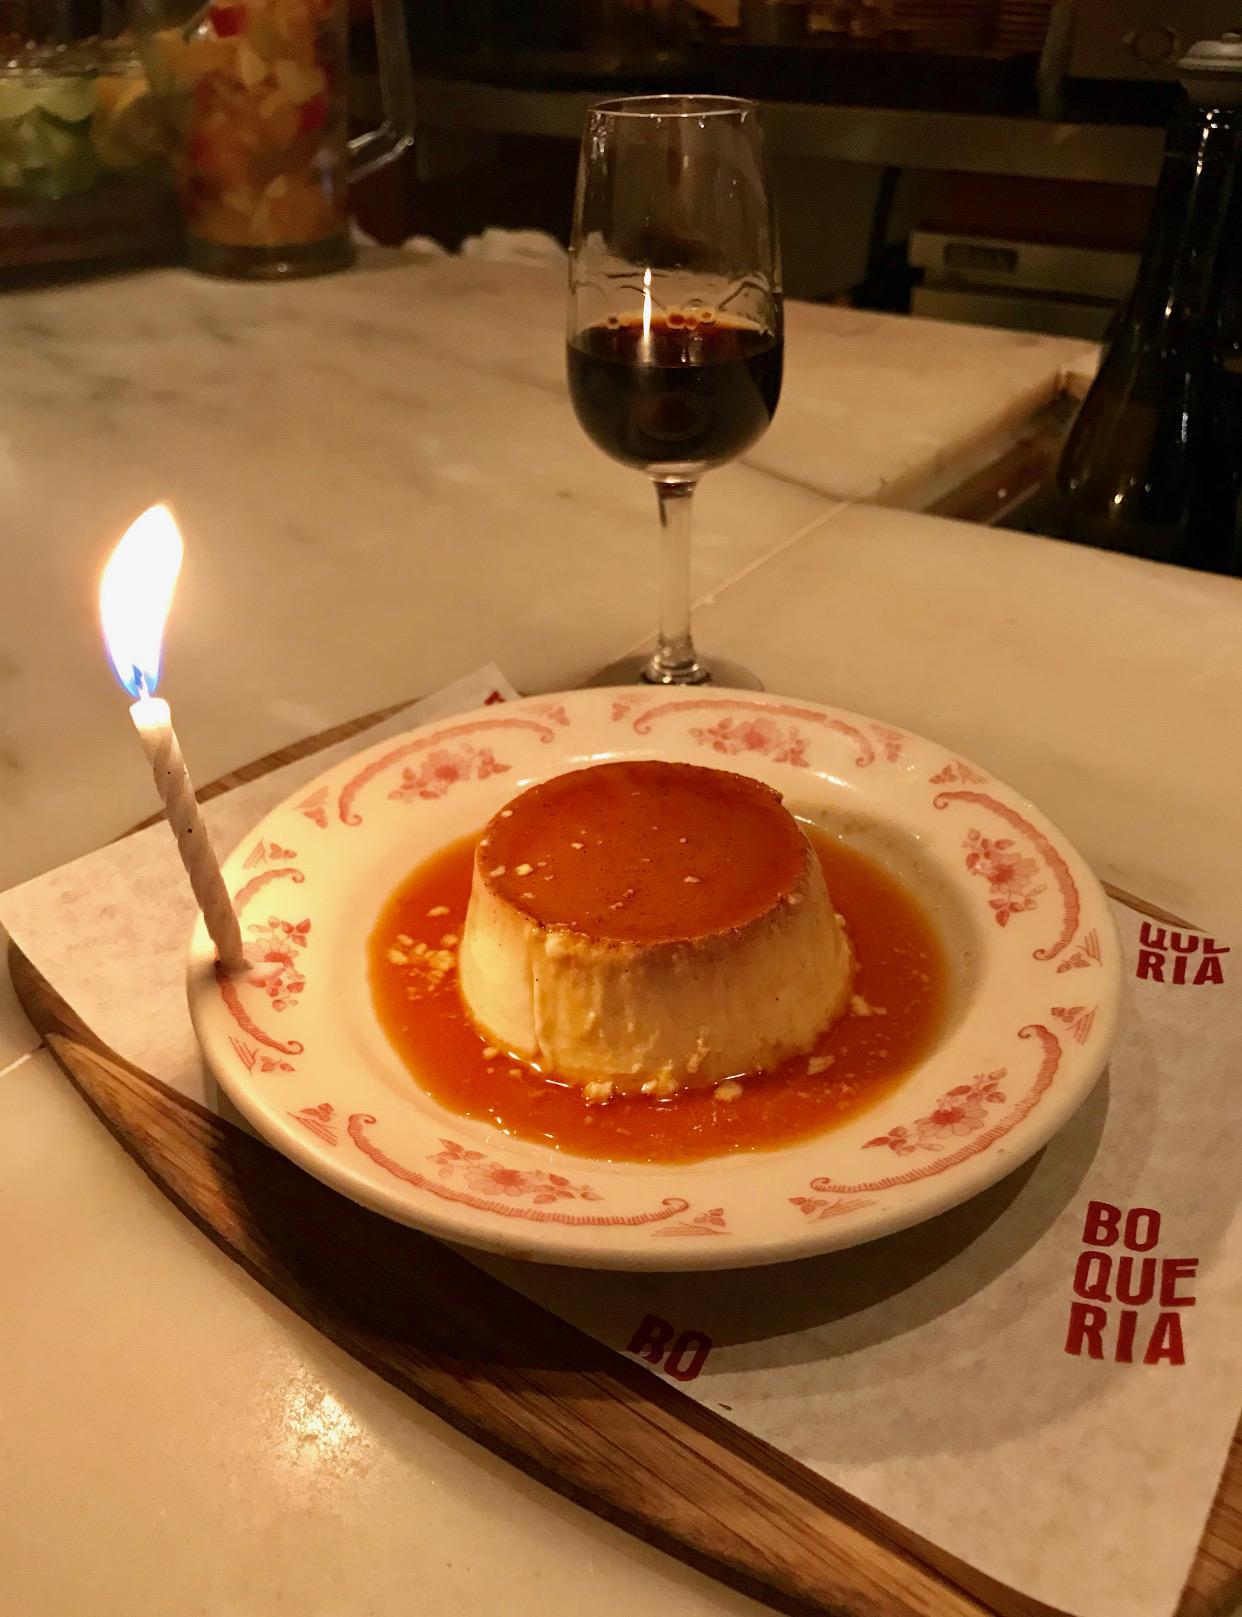 Happy Birthday flan at Boqueria Soho!